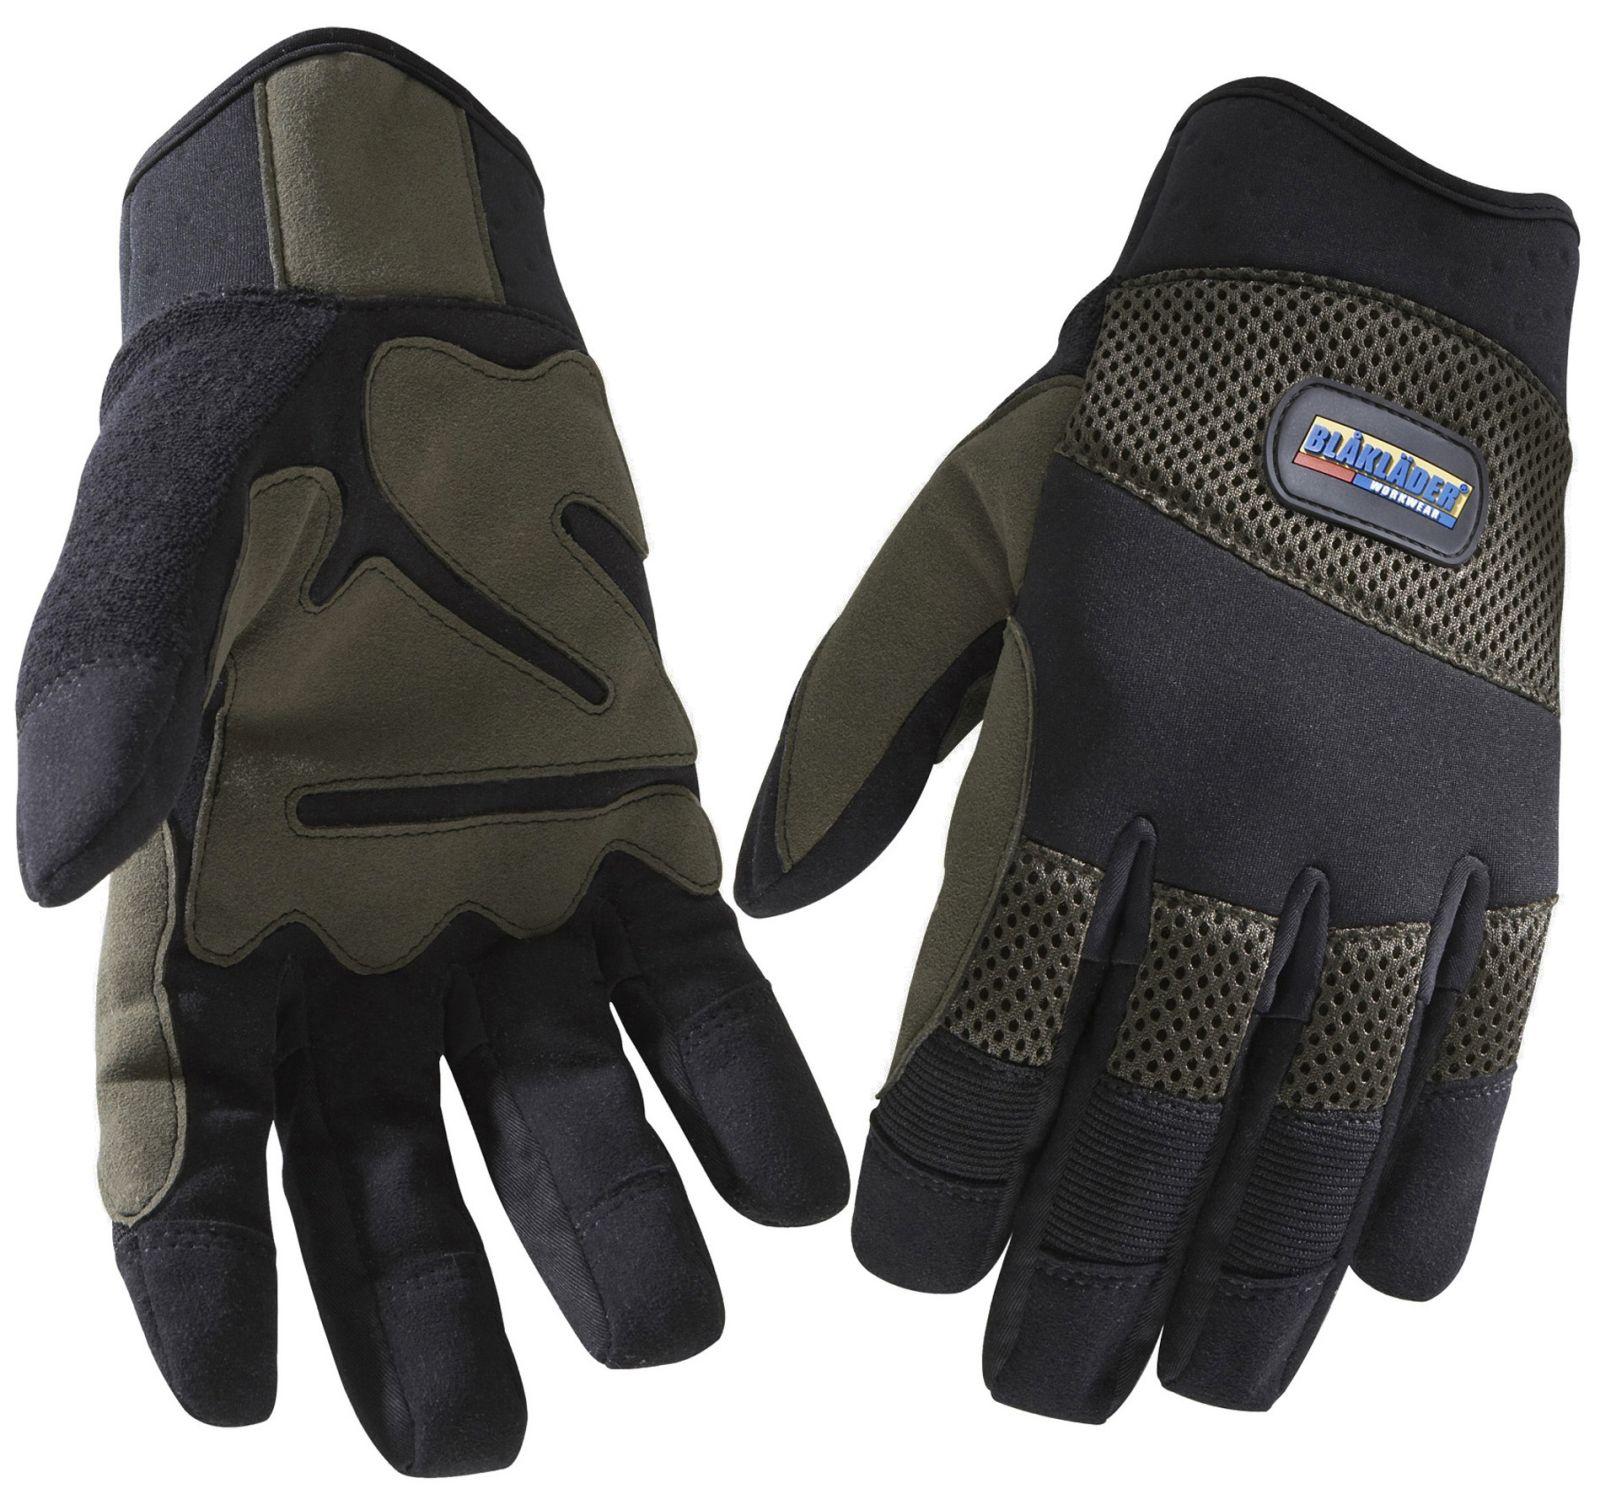 Blaklader Werkhandschoenen 22343914 zwart-khaki(9922)